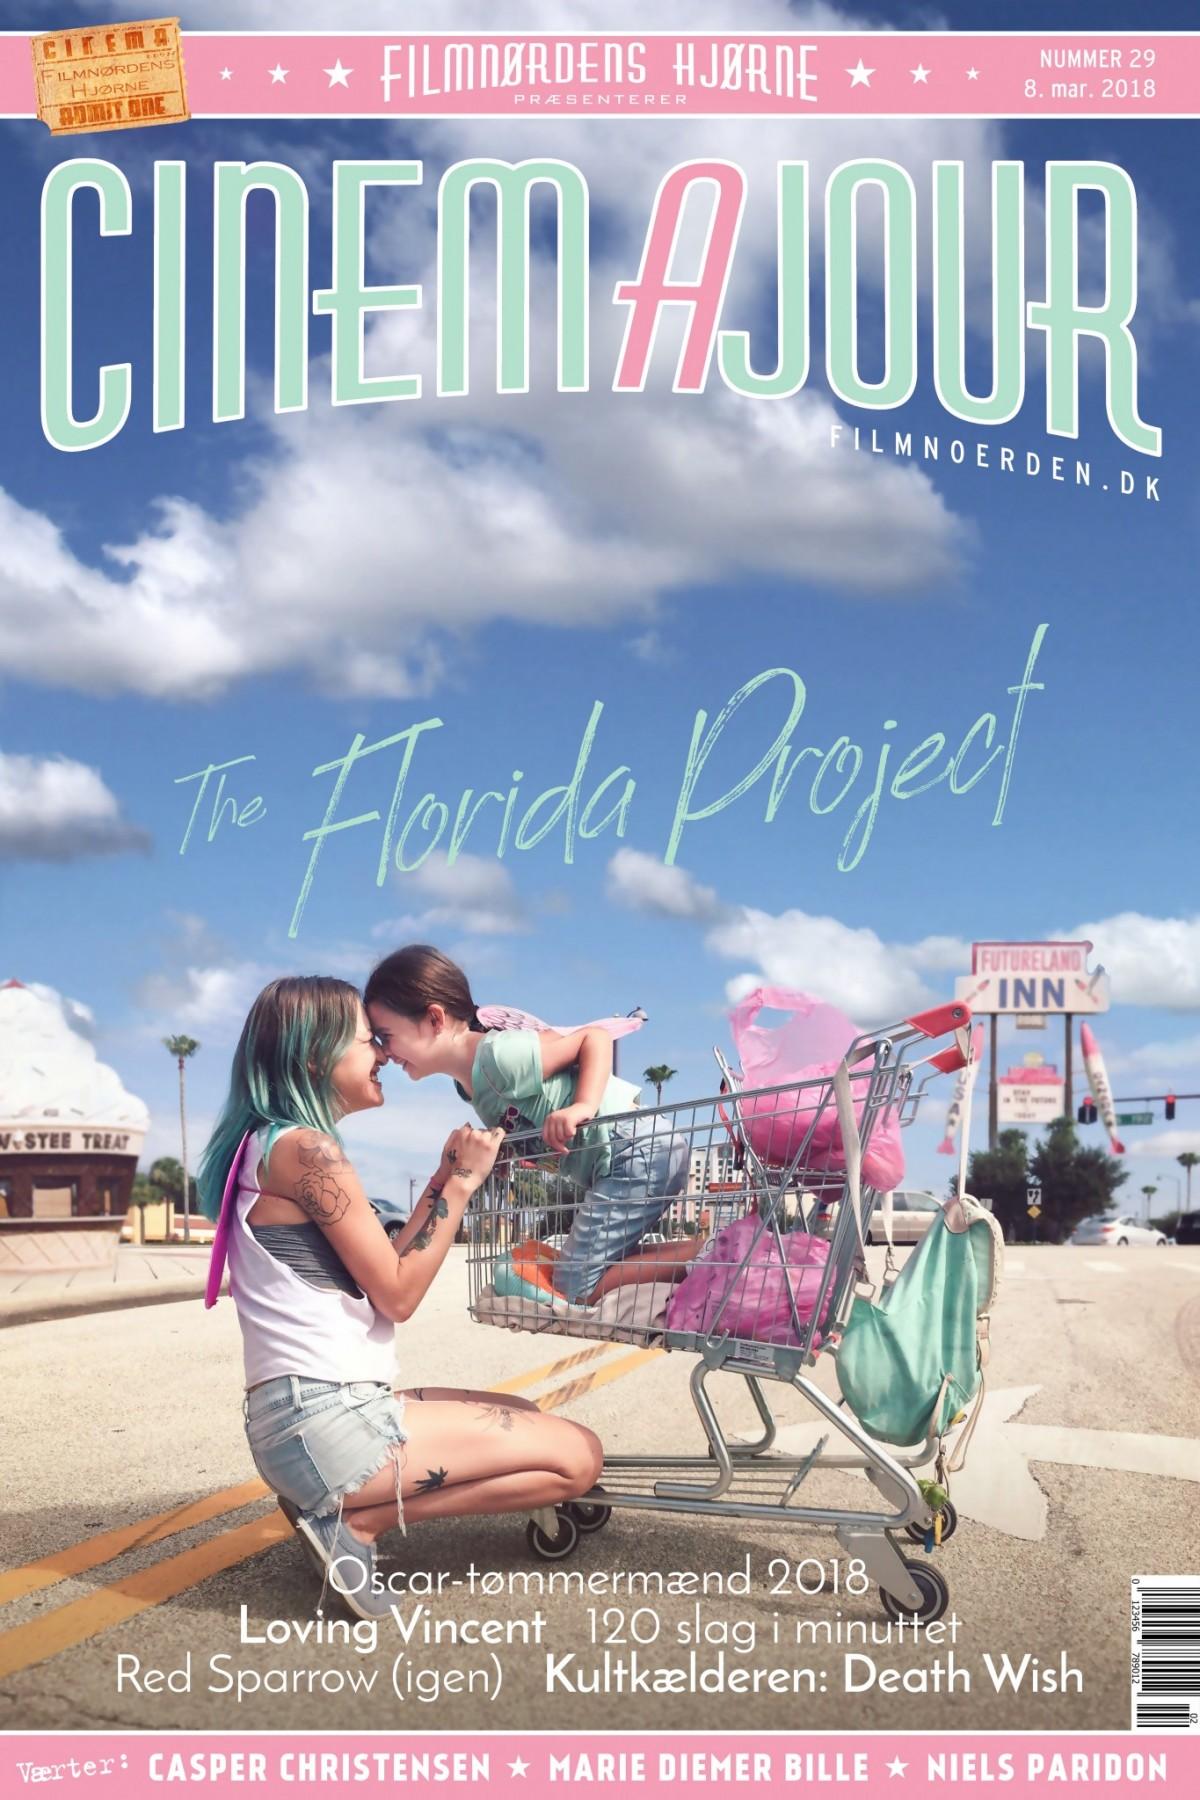 Cinemajour ep. 29